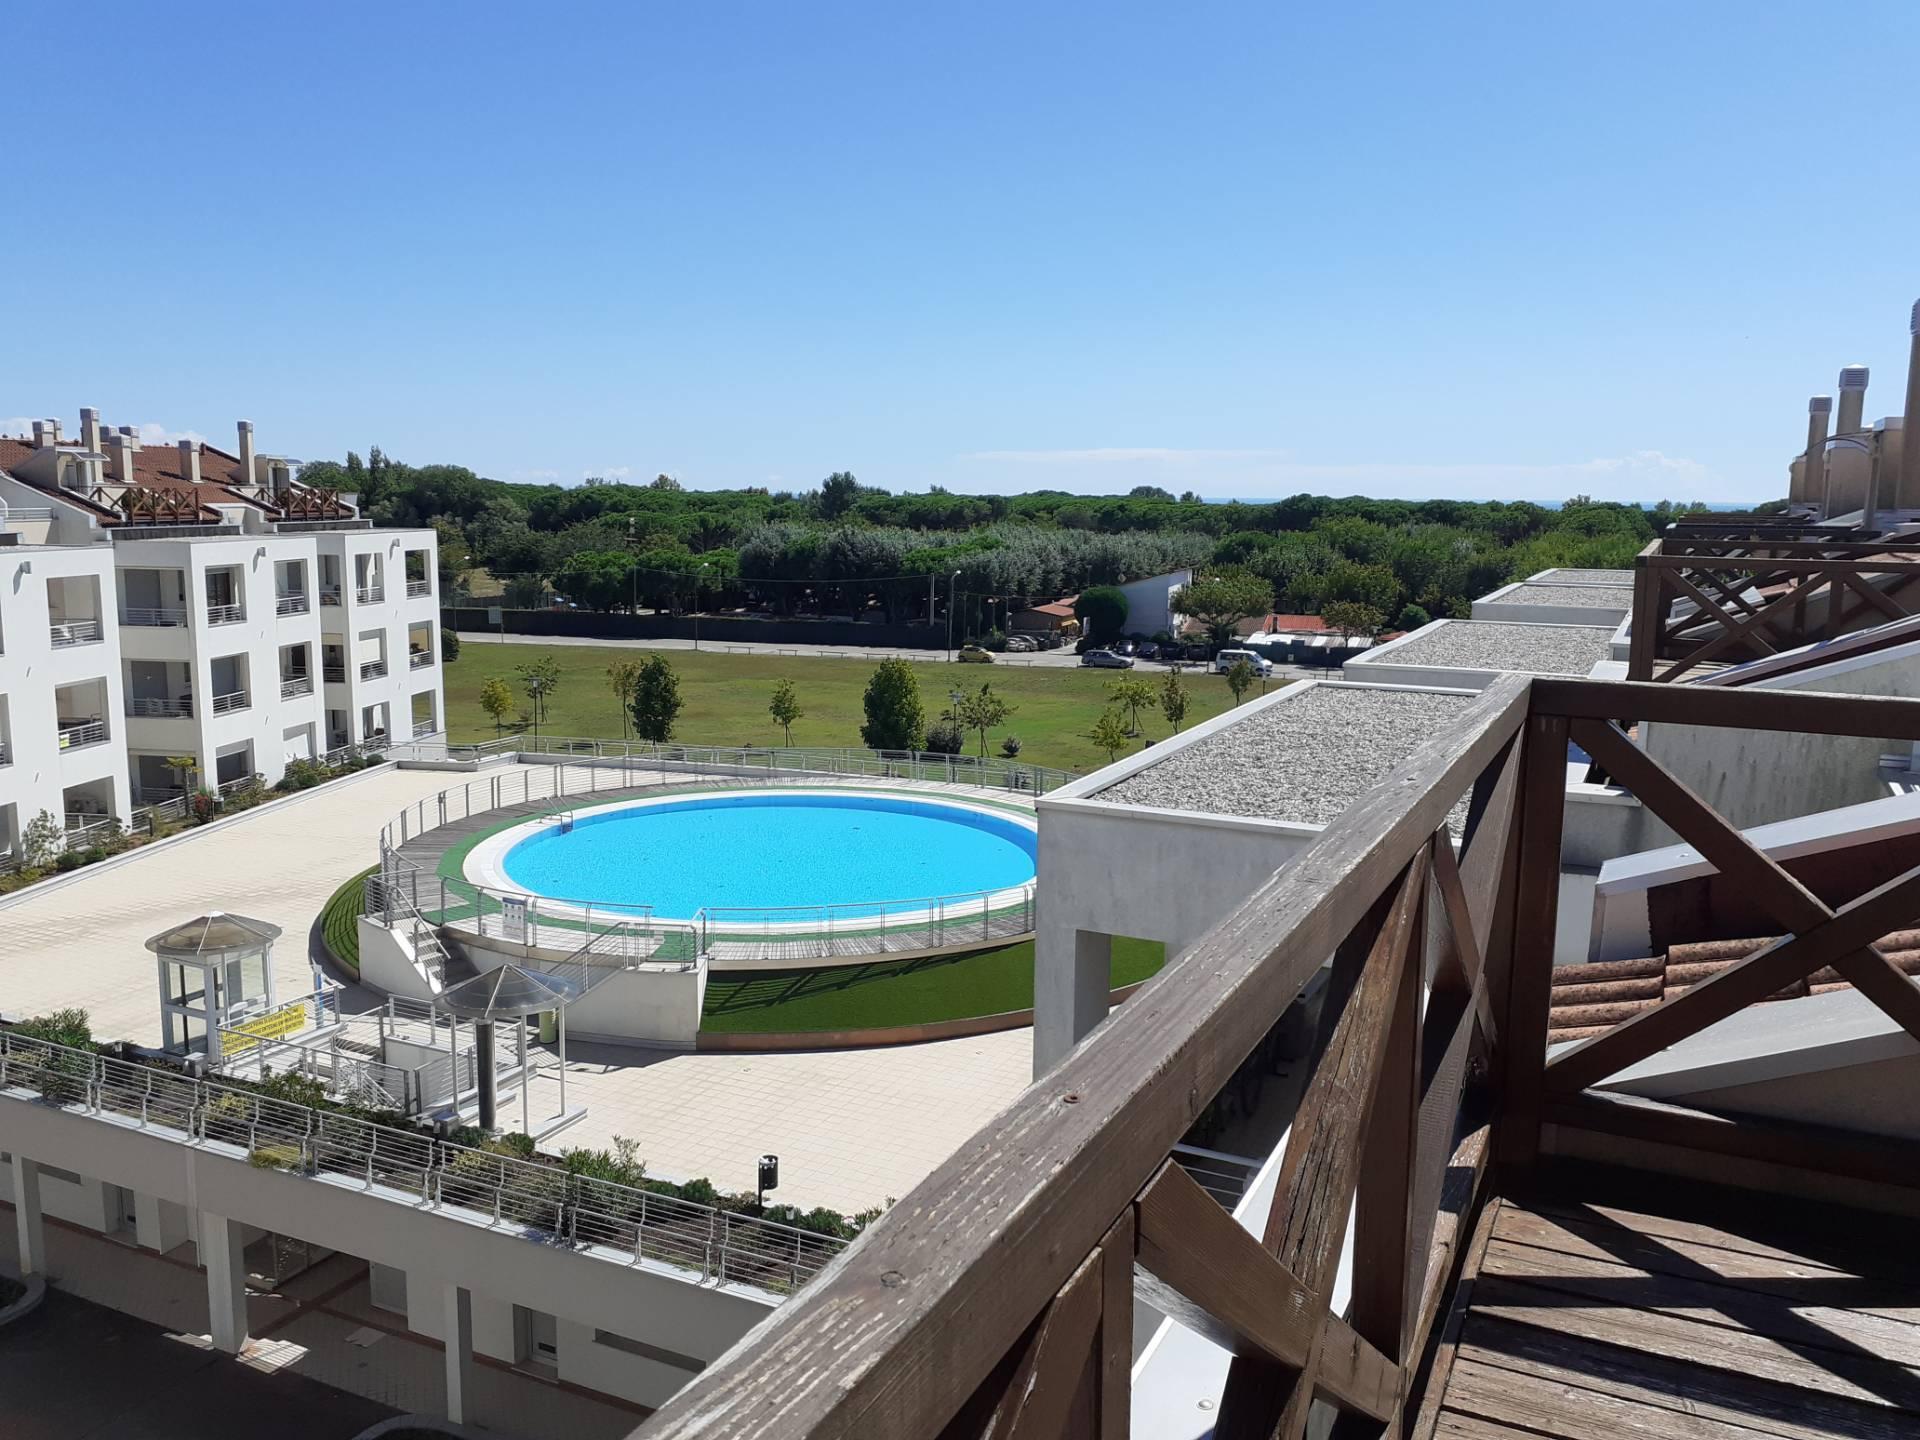 Appartamento in vendita a Cavallino-Treporti, 2 locali, zona Località: CaSavio, prezzo € 111.000 | CambioCasa.it